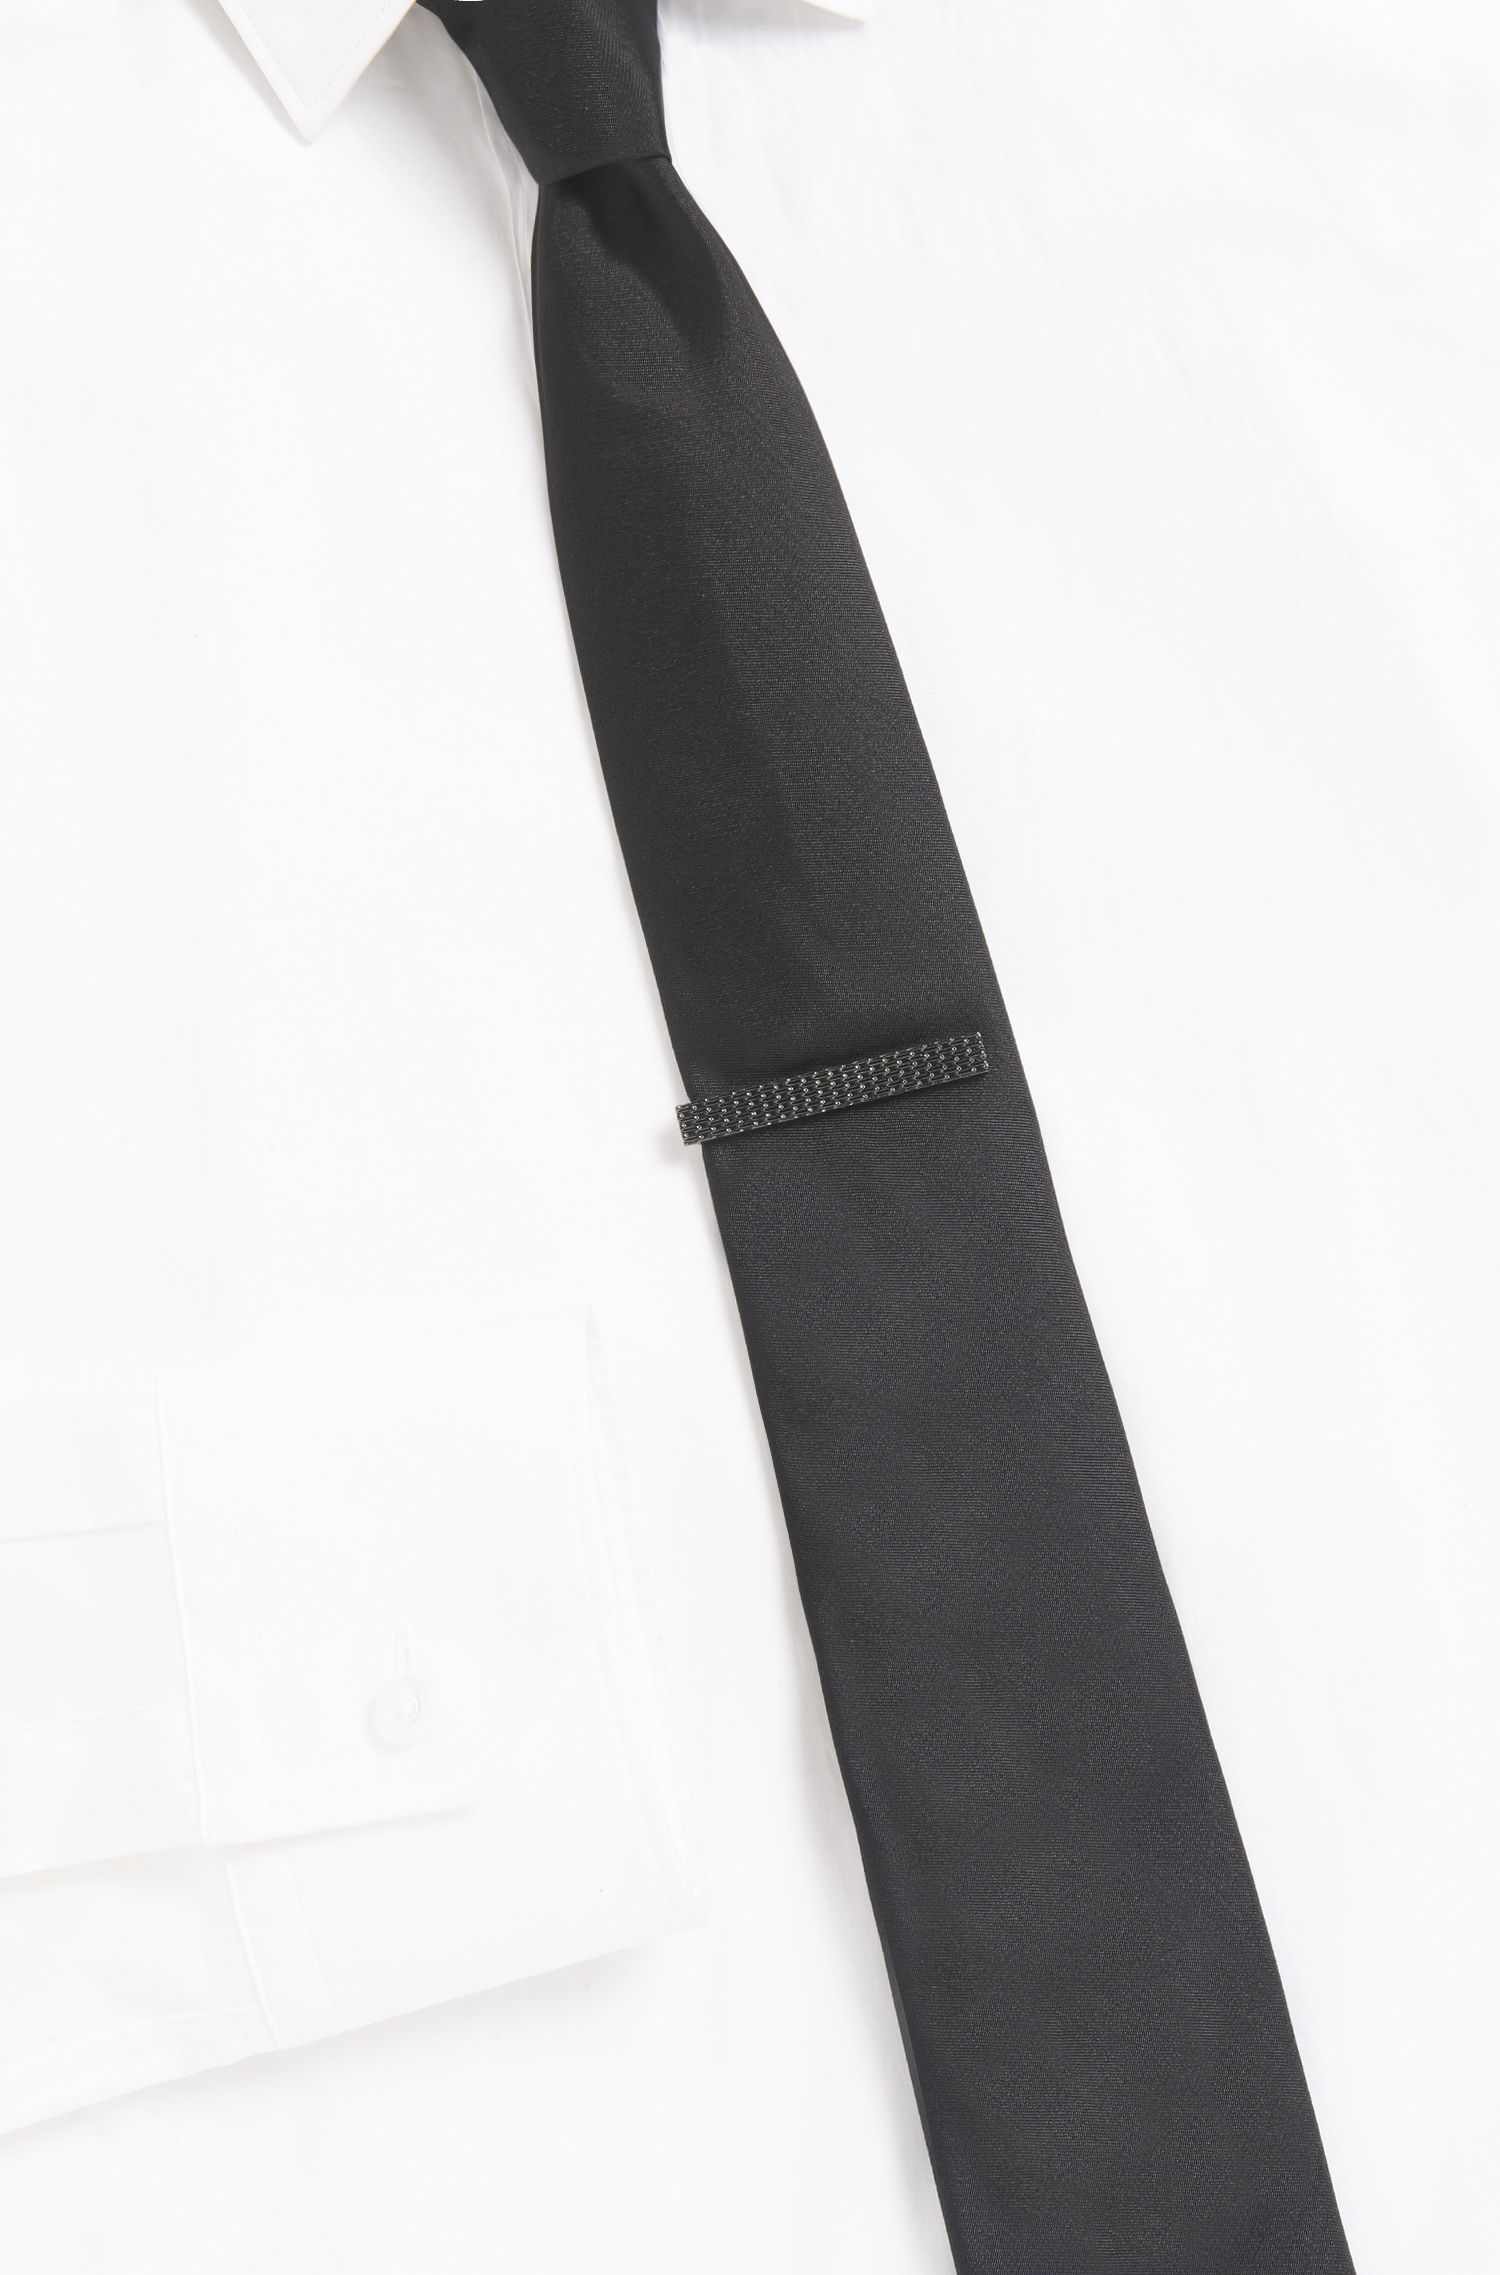 Woven Brass Tie Bar | E Milanese Tie Bar